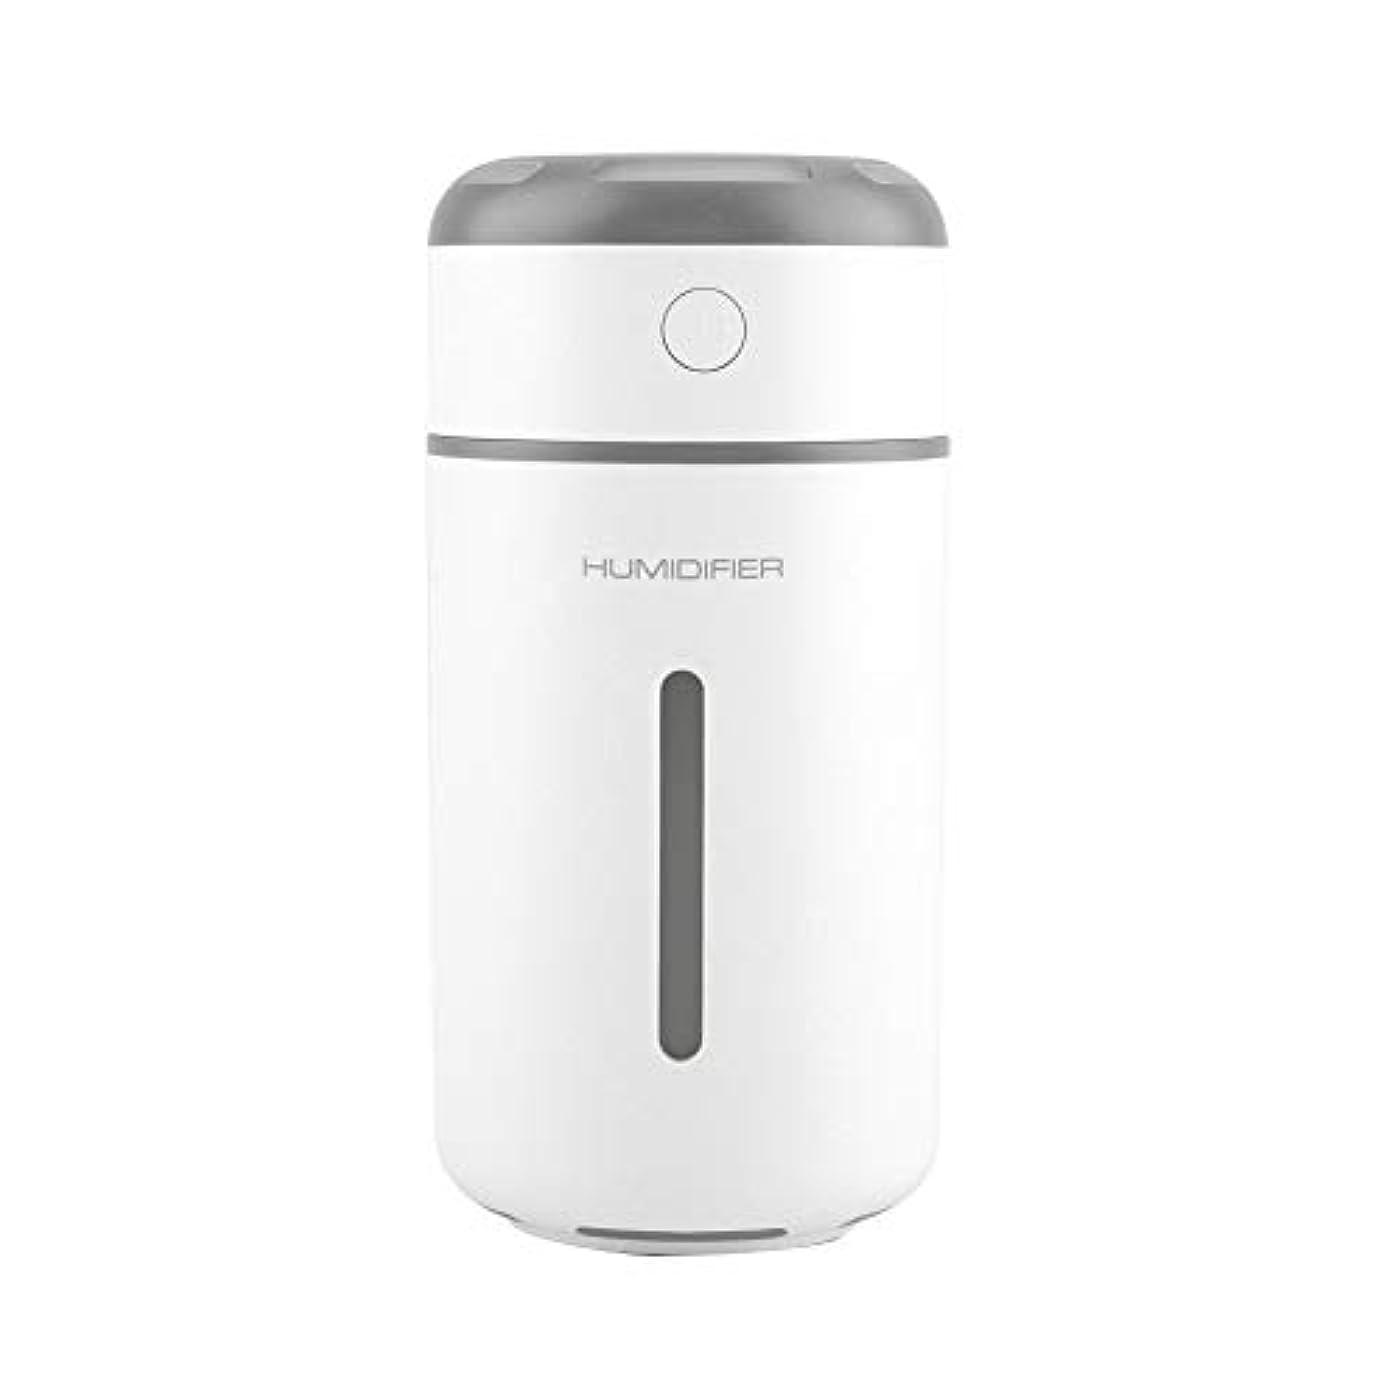 ゴミ箱を空にするリボンアナリスト超音波クールミスト加湿器、ポータブルミニUSB加湿器ディフューザー7色LEDライト付きプレミアム加湿ユニット